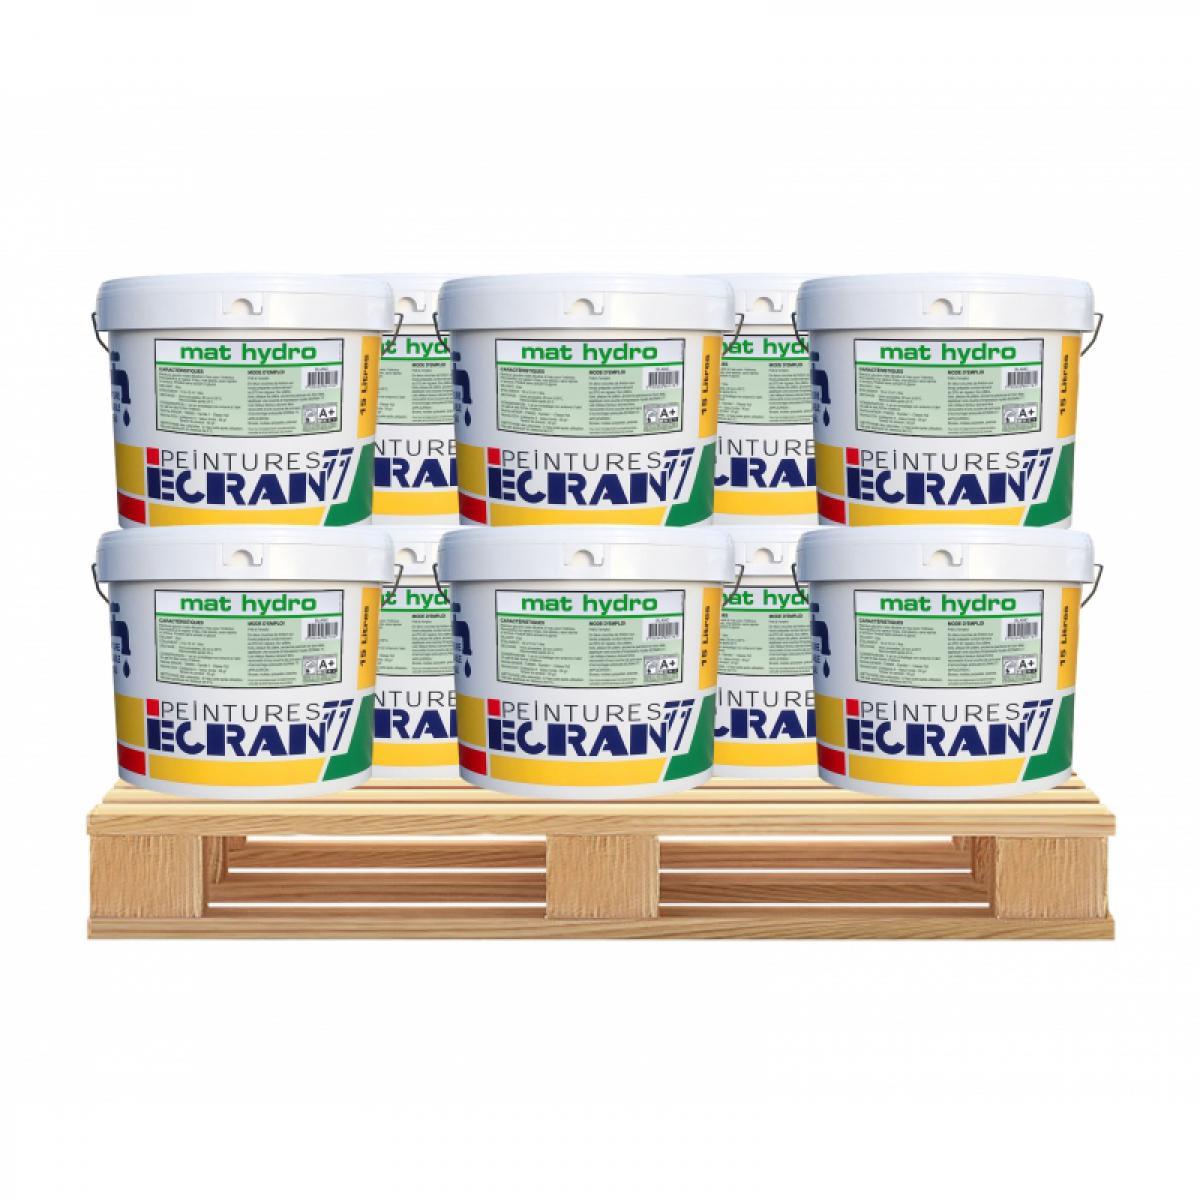 Ecran77 Peinture professionnelle alkyde, mat, murs et plafonds, MAT HYDRO-10 x 15L